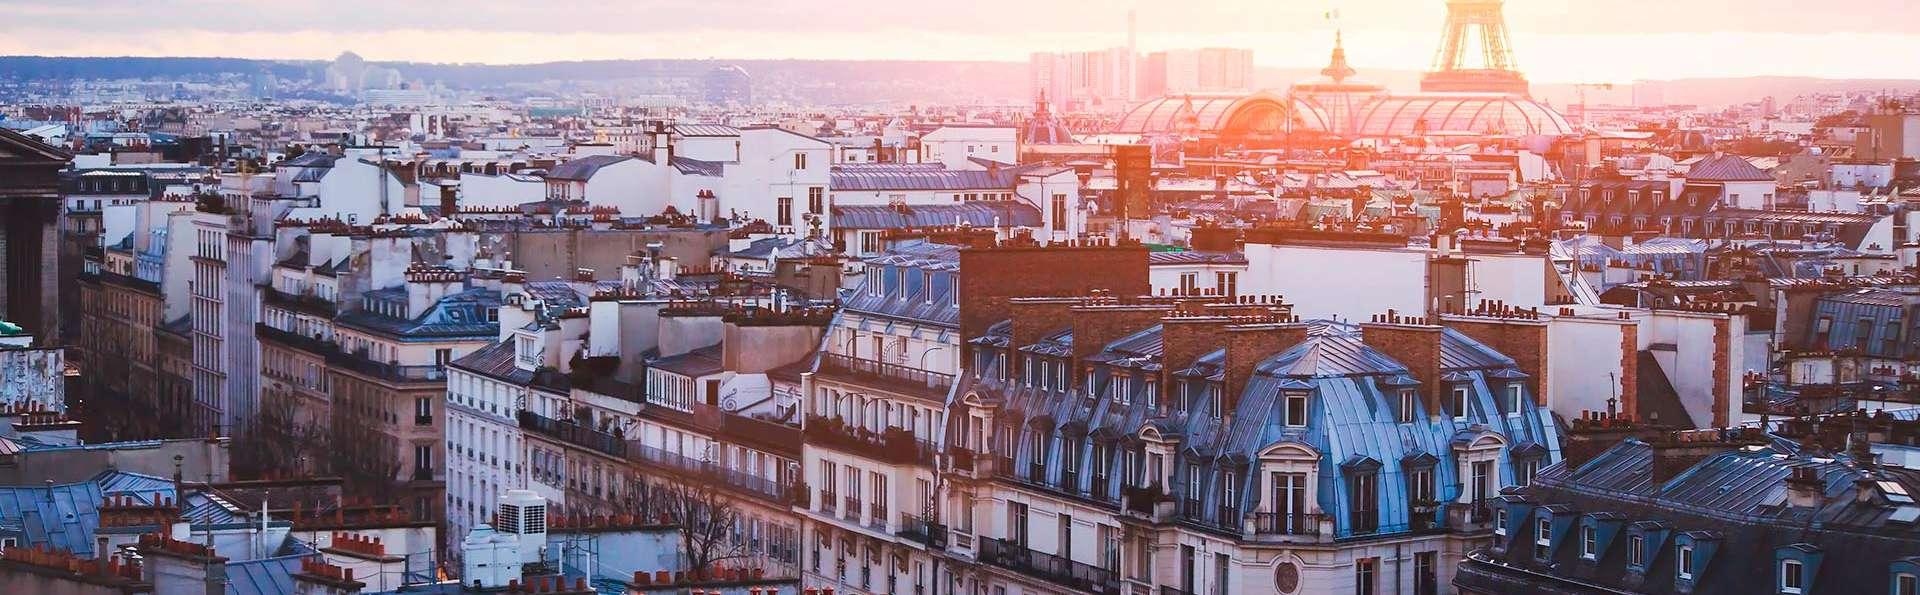 Séjour reposant aux portes de Paris (25% de remise à partir de la deuxième nuit)